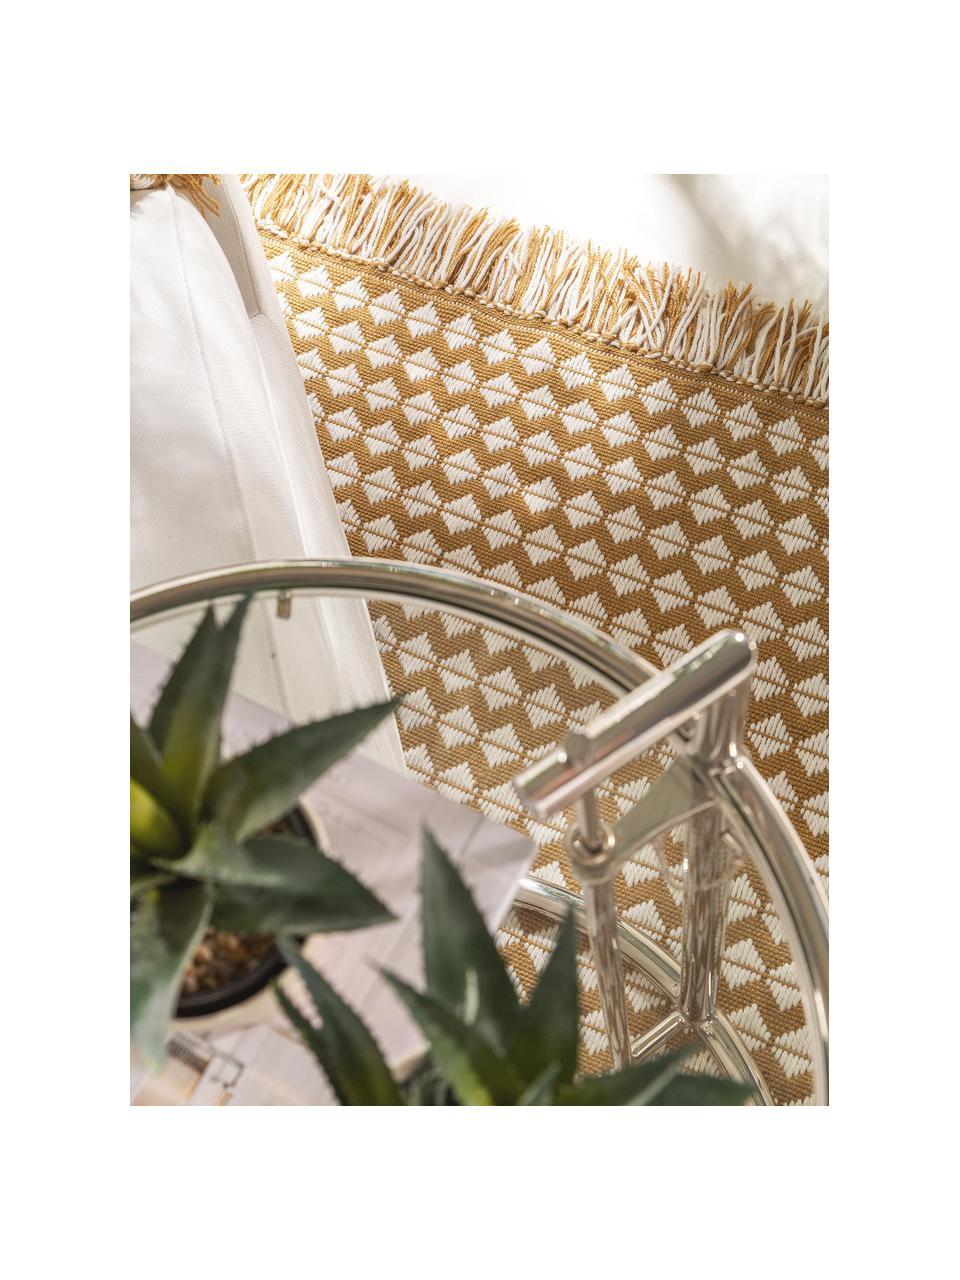 Dywan wewnętrzny/zewnętrzny z frędzlami w stylu etno Morty, 100% poliester (tworzywo PET z recyklingu), Żółty, złamana biel, S 80 x D 150 cm (Rozmiar XS)